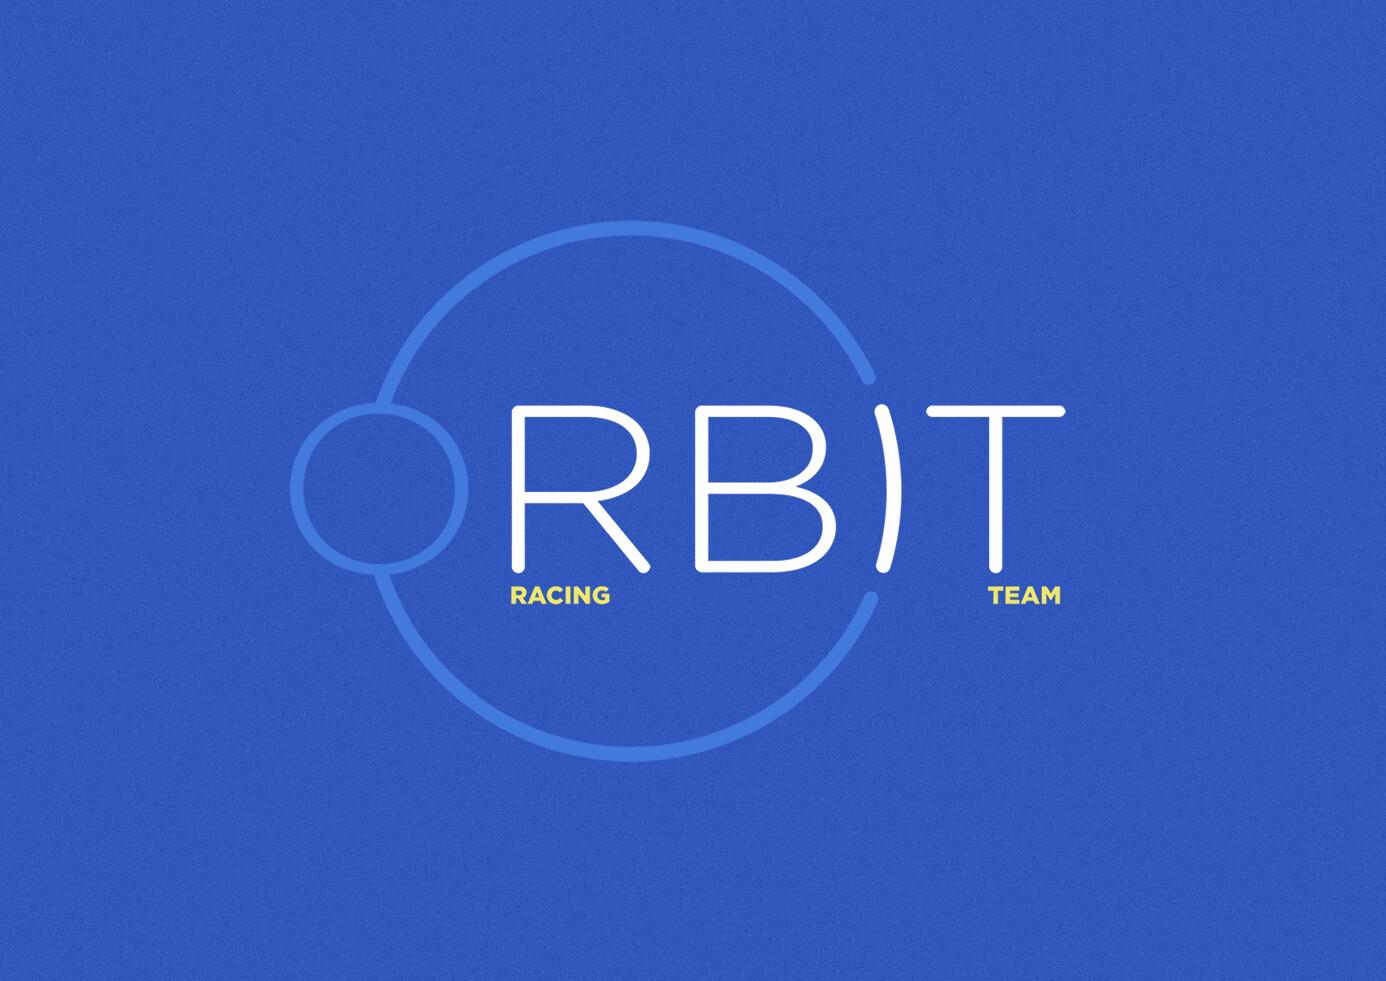 ORBIT - Racing Team